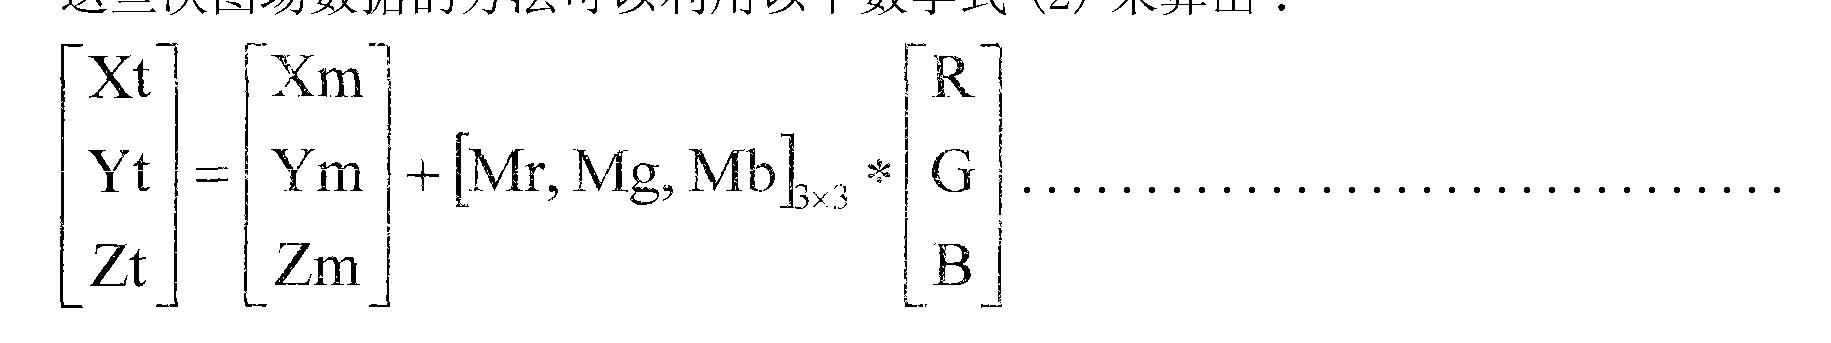 Figure CN101866629BD00092